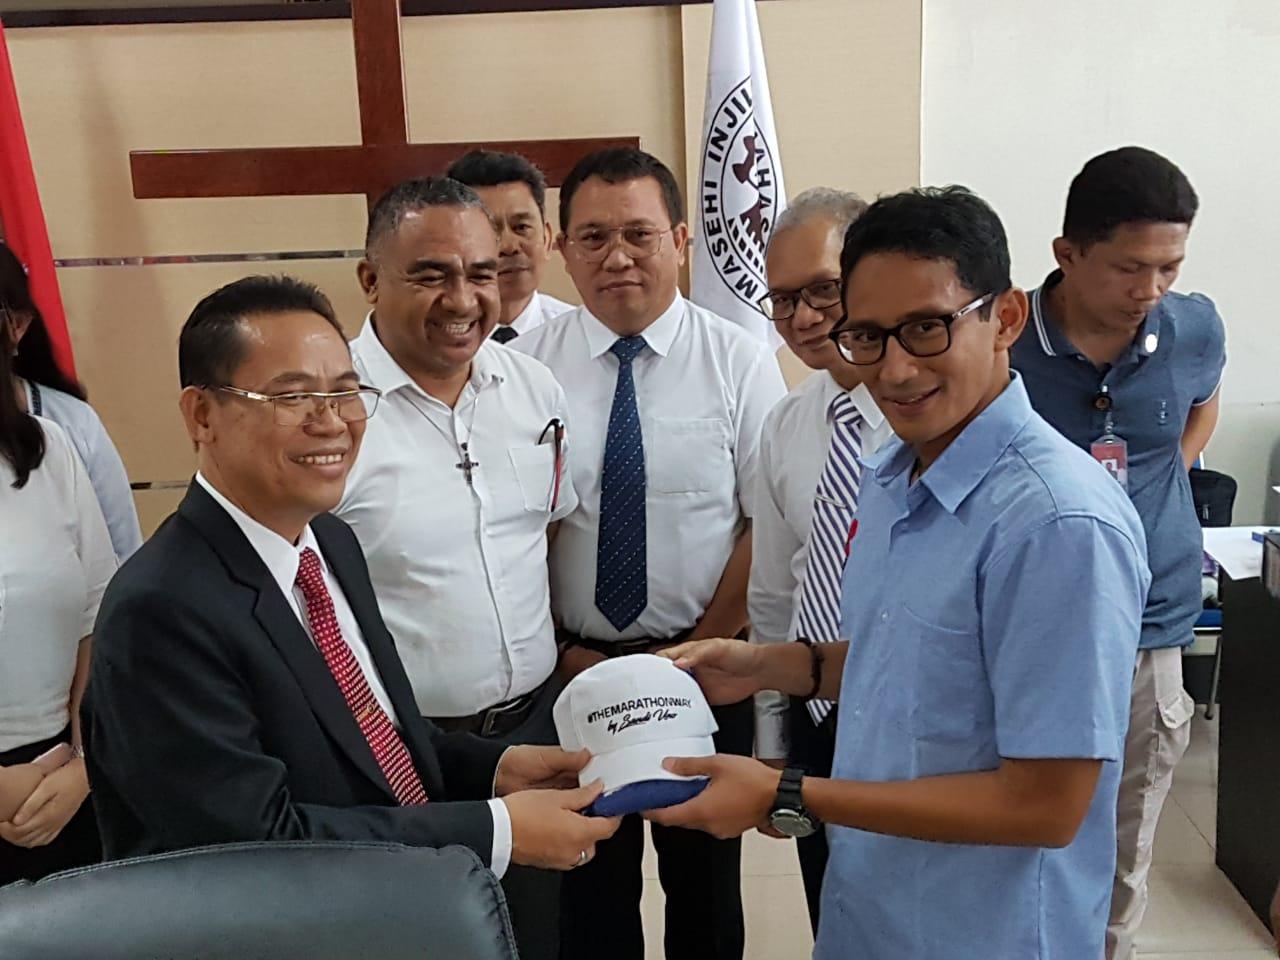 Sandiaga Uno Kunjungi Kantor Pusat Sinode GMIM Kota Tomohon